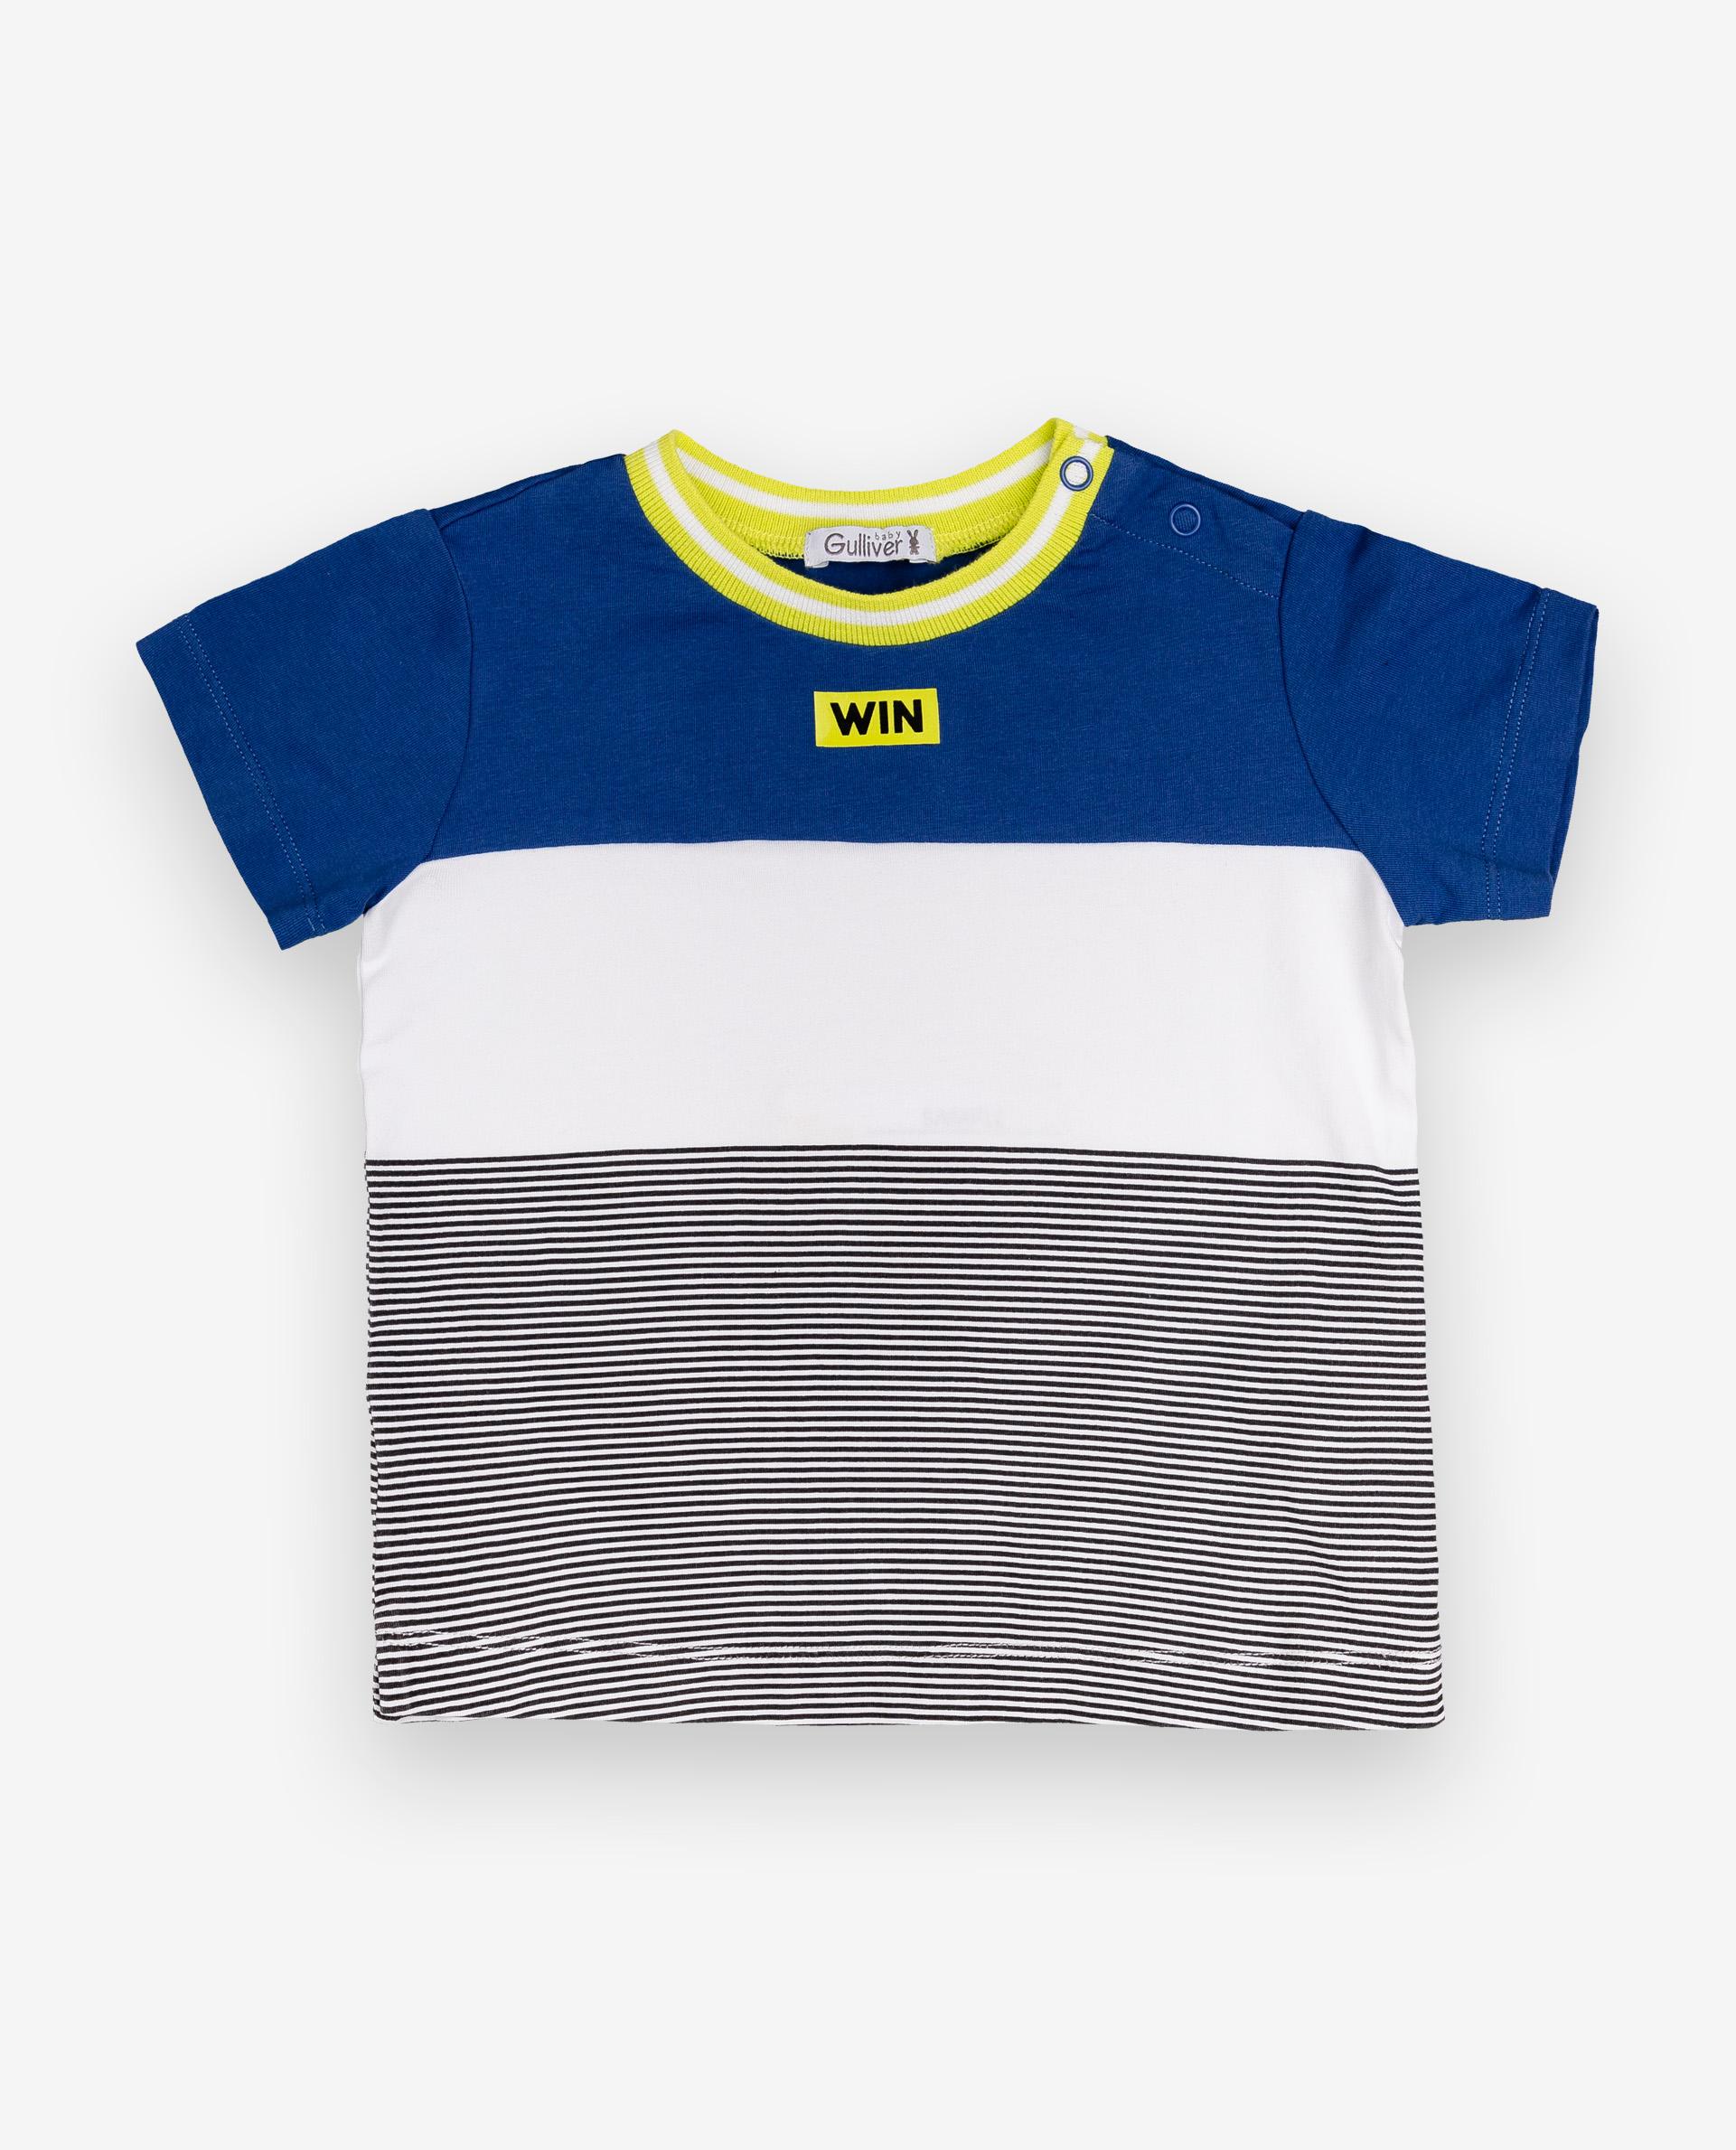 Купить 12034BBC1209, Футболка для мальчиков Gulliver, цв. синий, р.74, Кофточки, футболки для новорожденных